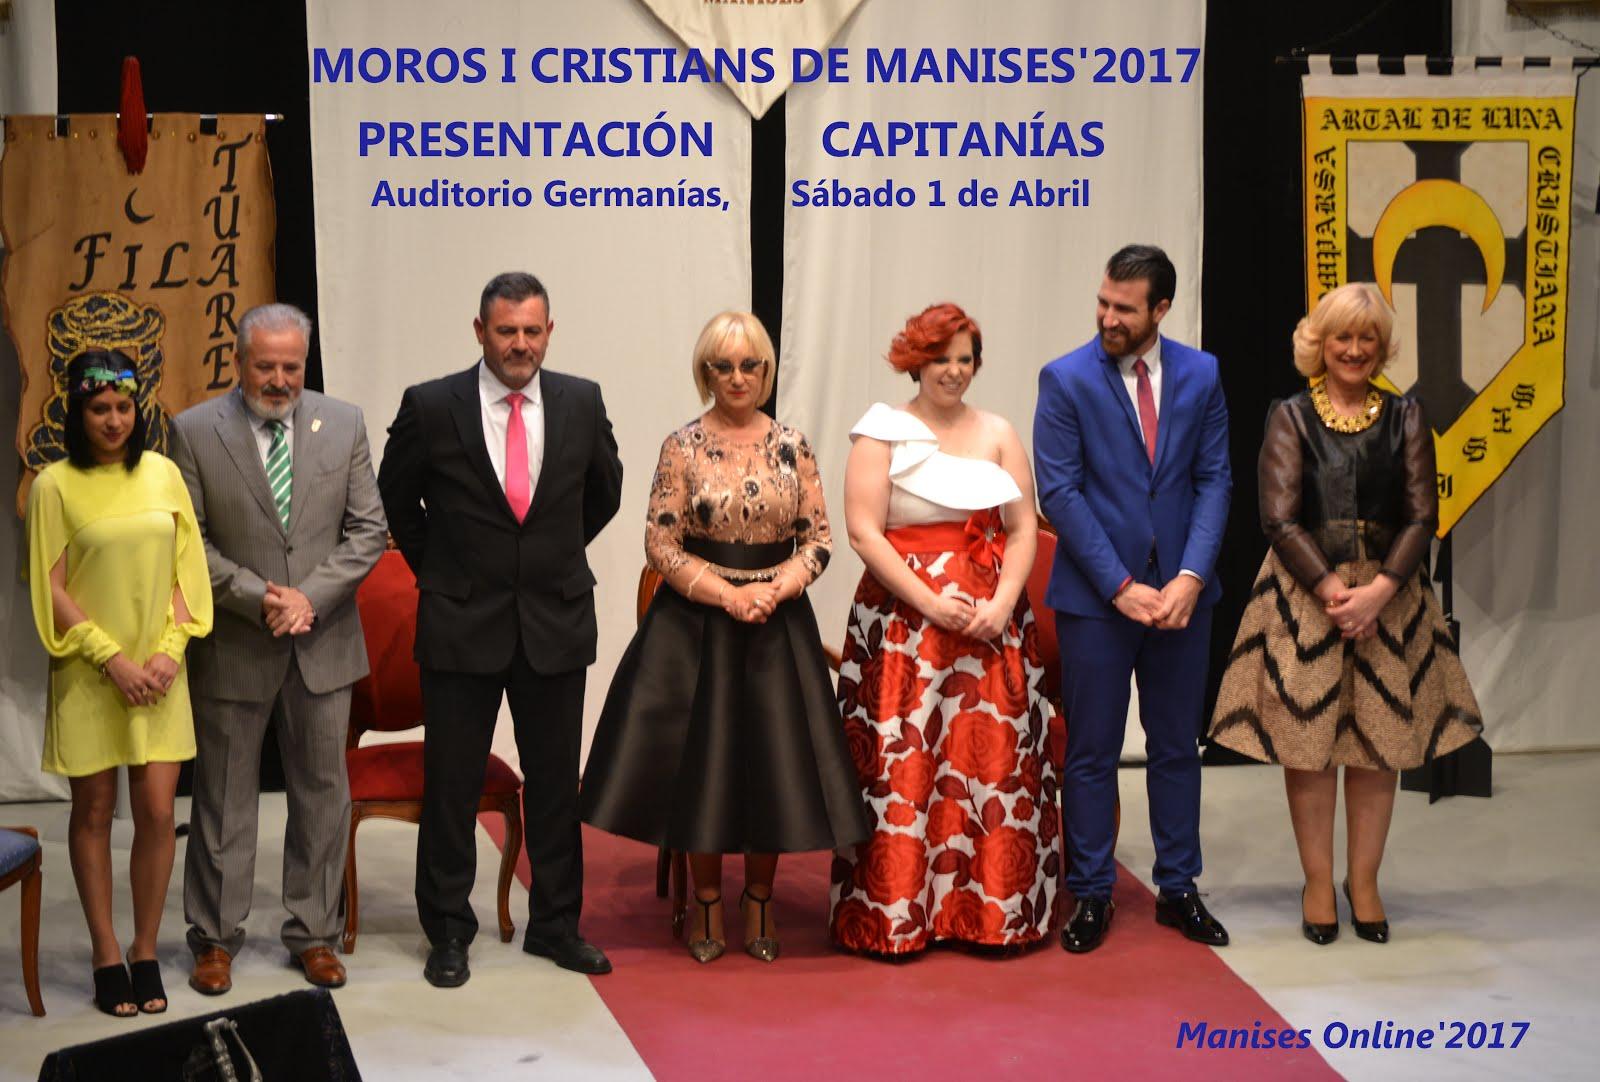 01.04.17 MOROS I CRISTIANS, PRESENTACIÓN DE LAS CAPITA NÍAS MORA Y CRISTIANA 2017